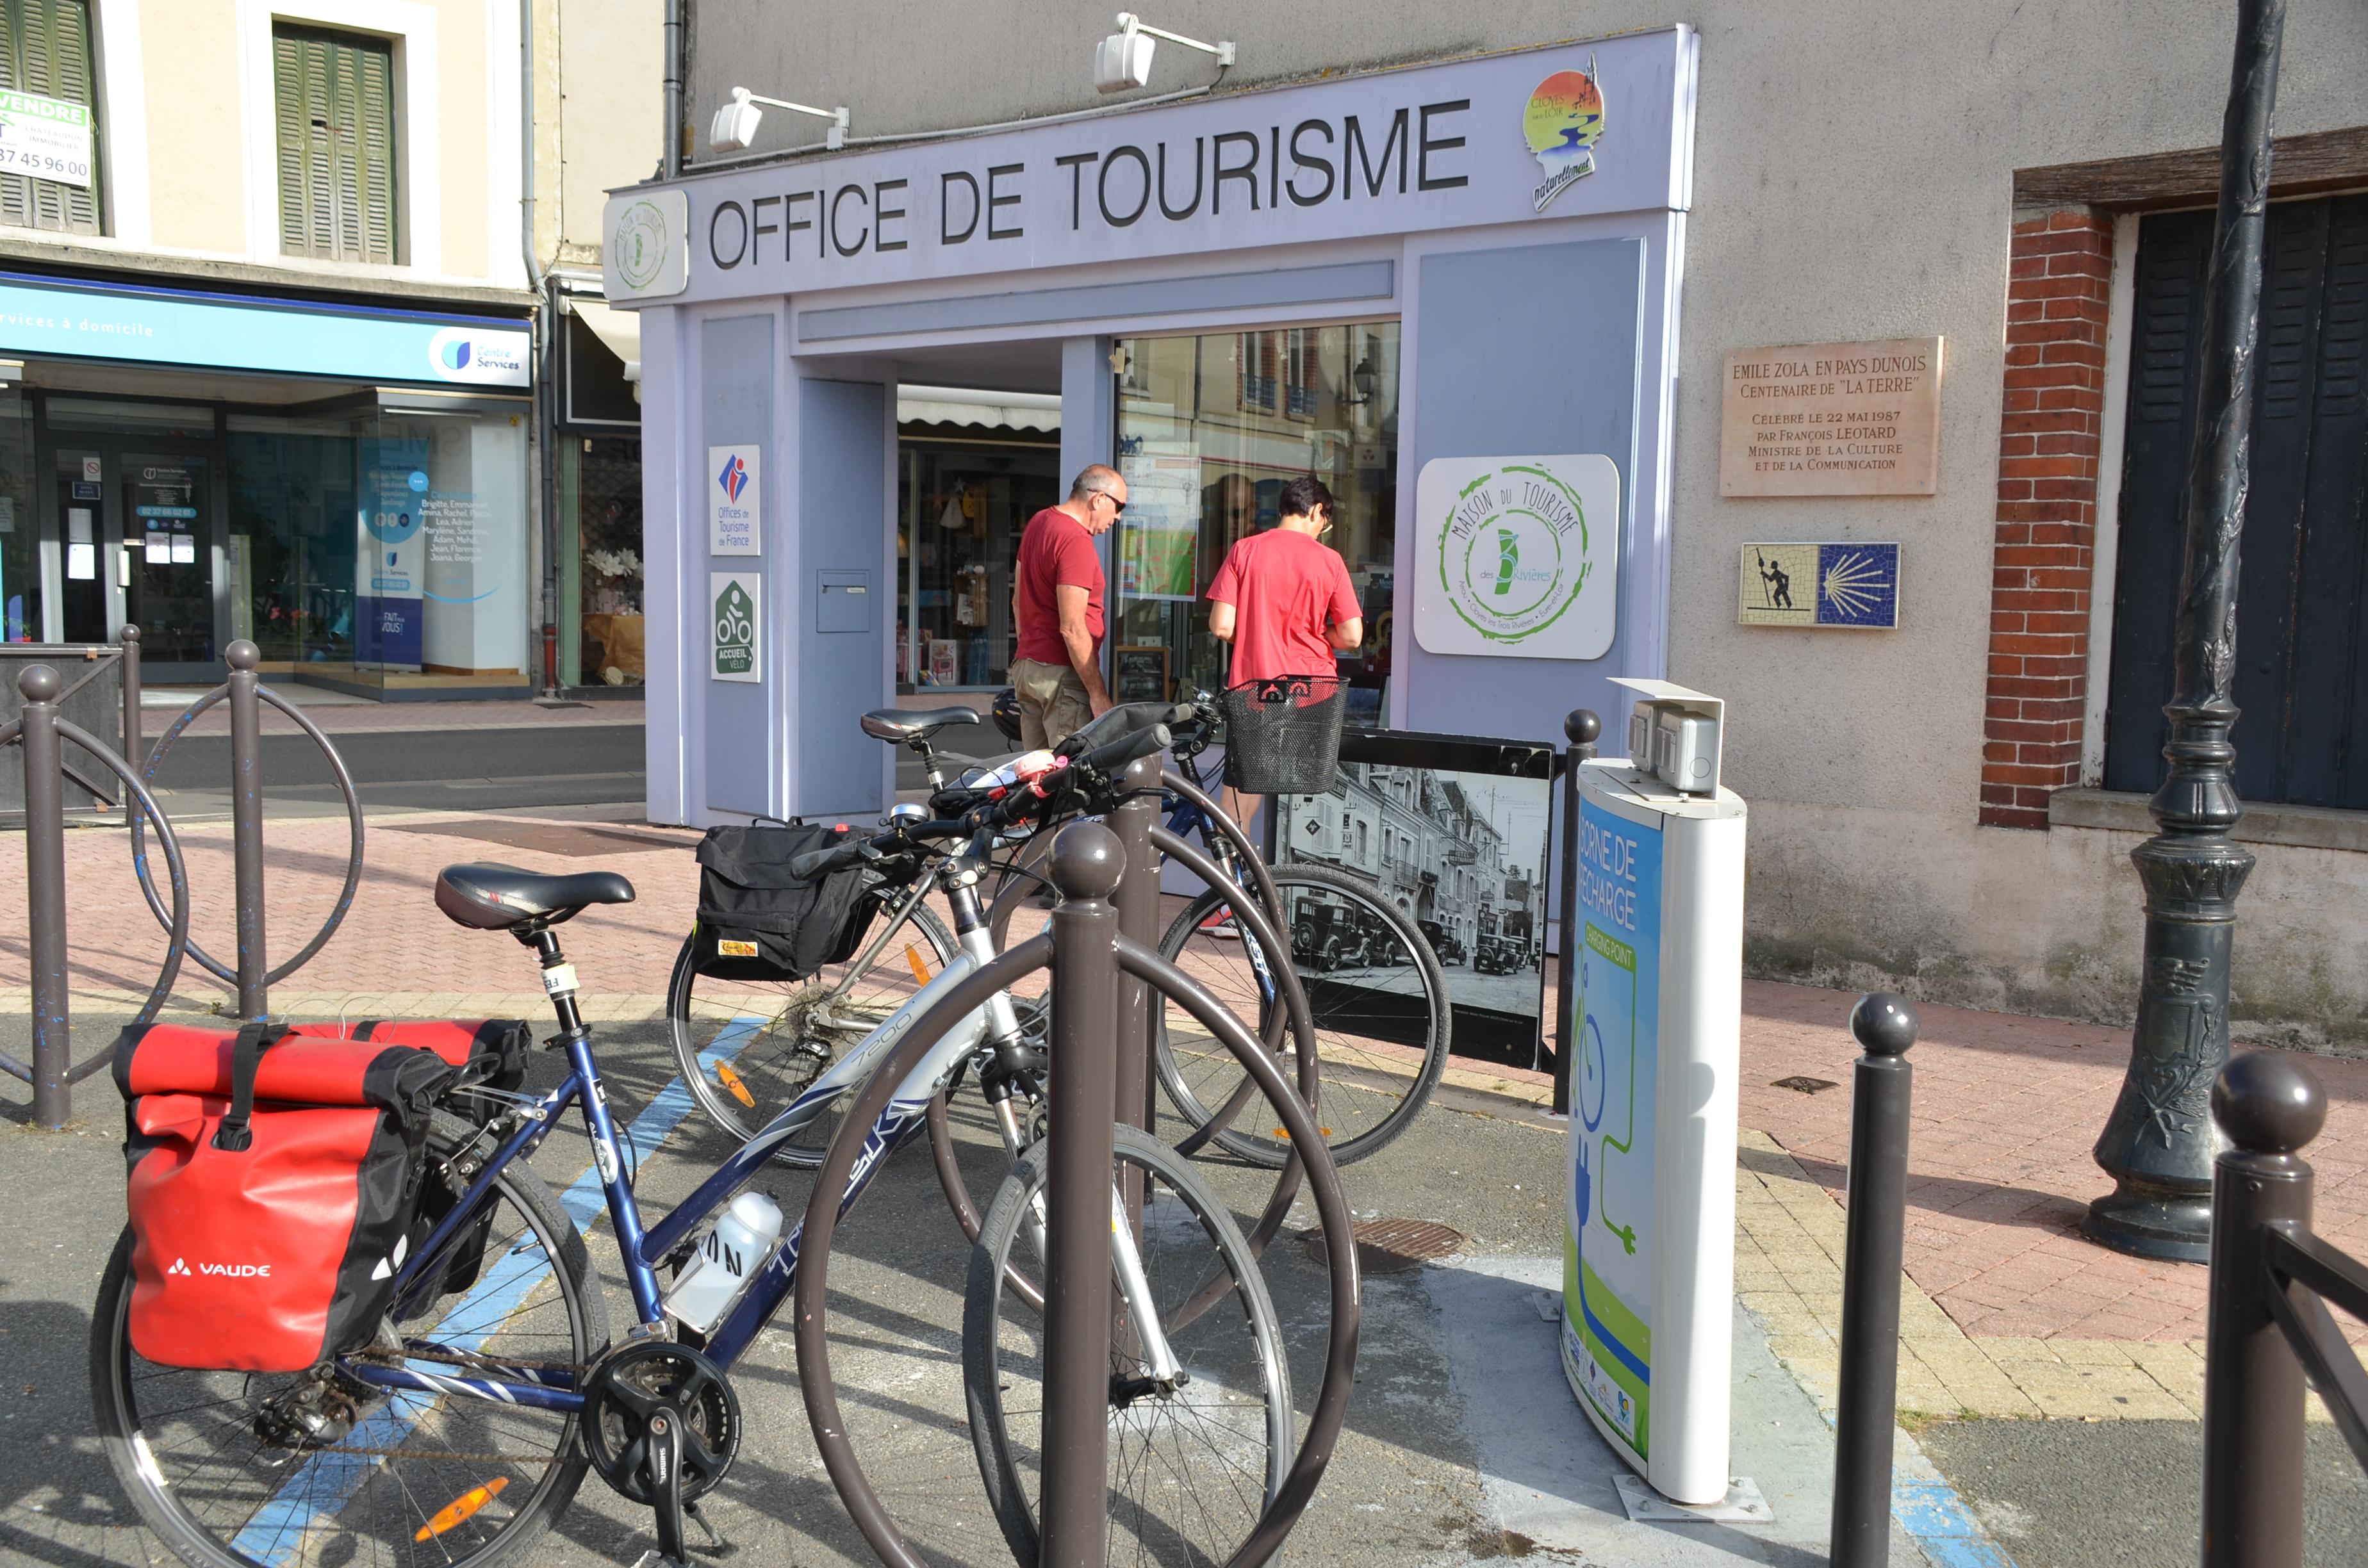 Office de Tourisme de Châteaudun - Location de vélos Cloyes